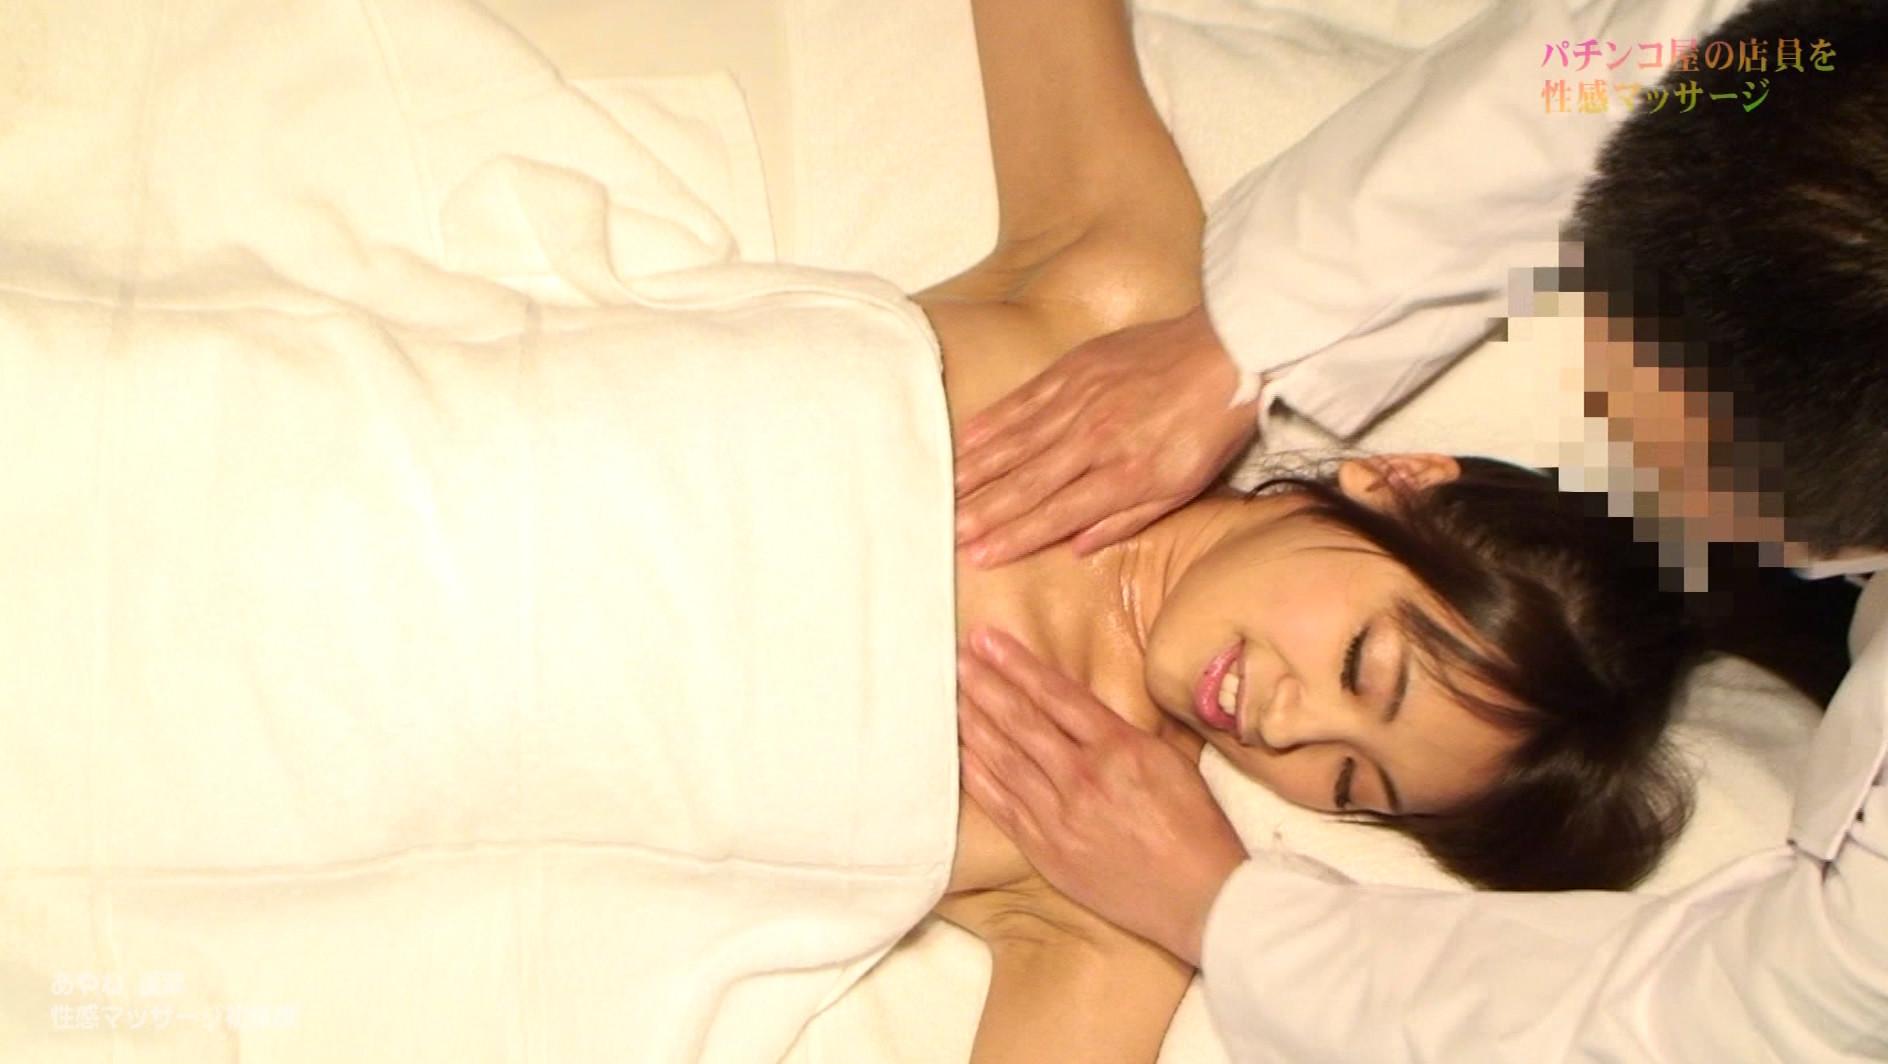 パチンコ屋のかわいいお姉さんを性感マッサージでとことんイカせてみた 画像8